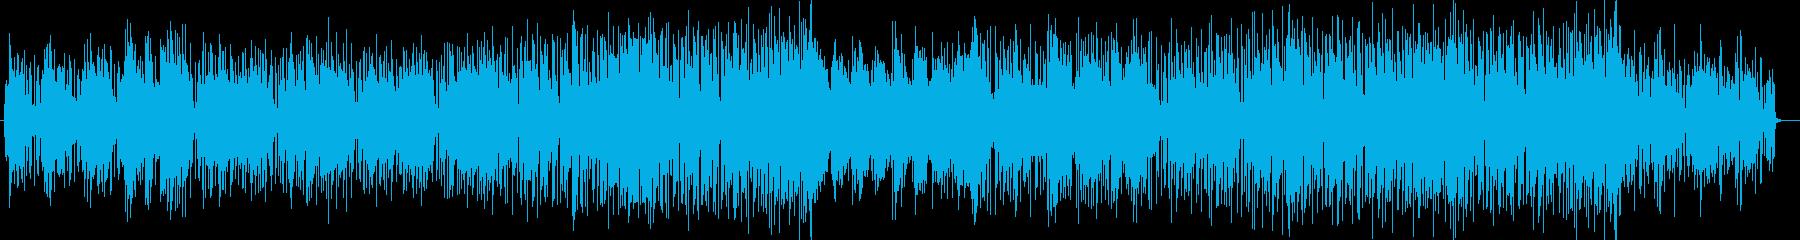 ゆったりと穏やかなポップバラードの再生済みの波形